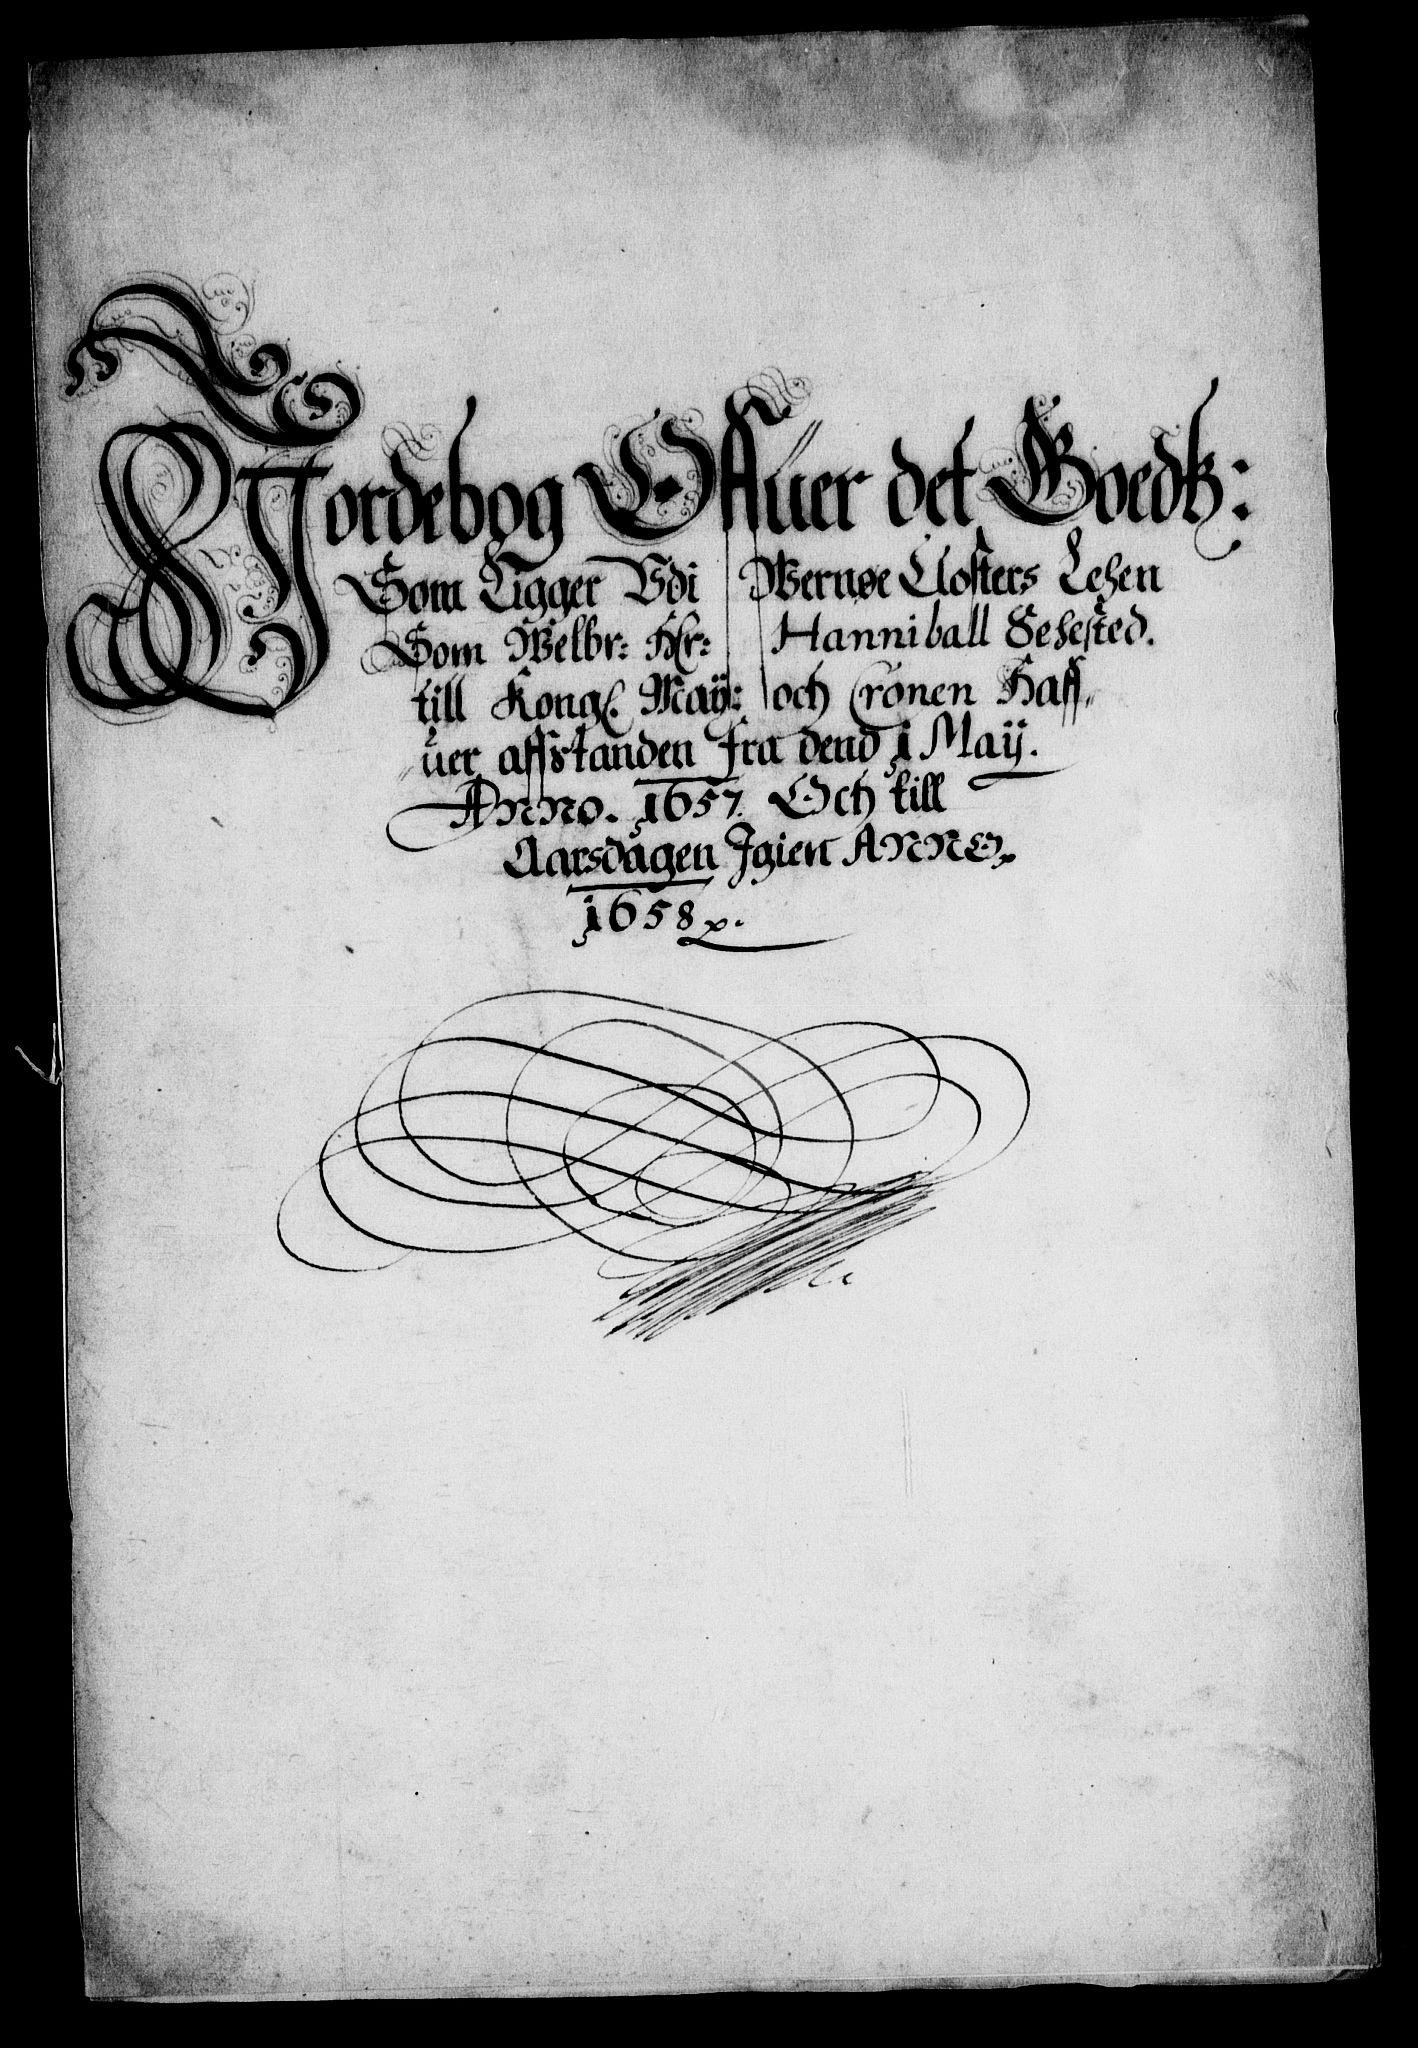 RA, Rentekammeret inntil 1814, Realistisk ordnet avdeling, On/L0007: [Jj 8]: Jordebøker og dokumenter innlevert til kongelig kommisjon 1672: Verne klosters gods, 1658-1672, s. 2